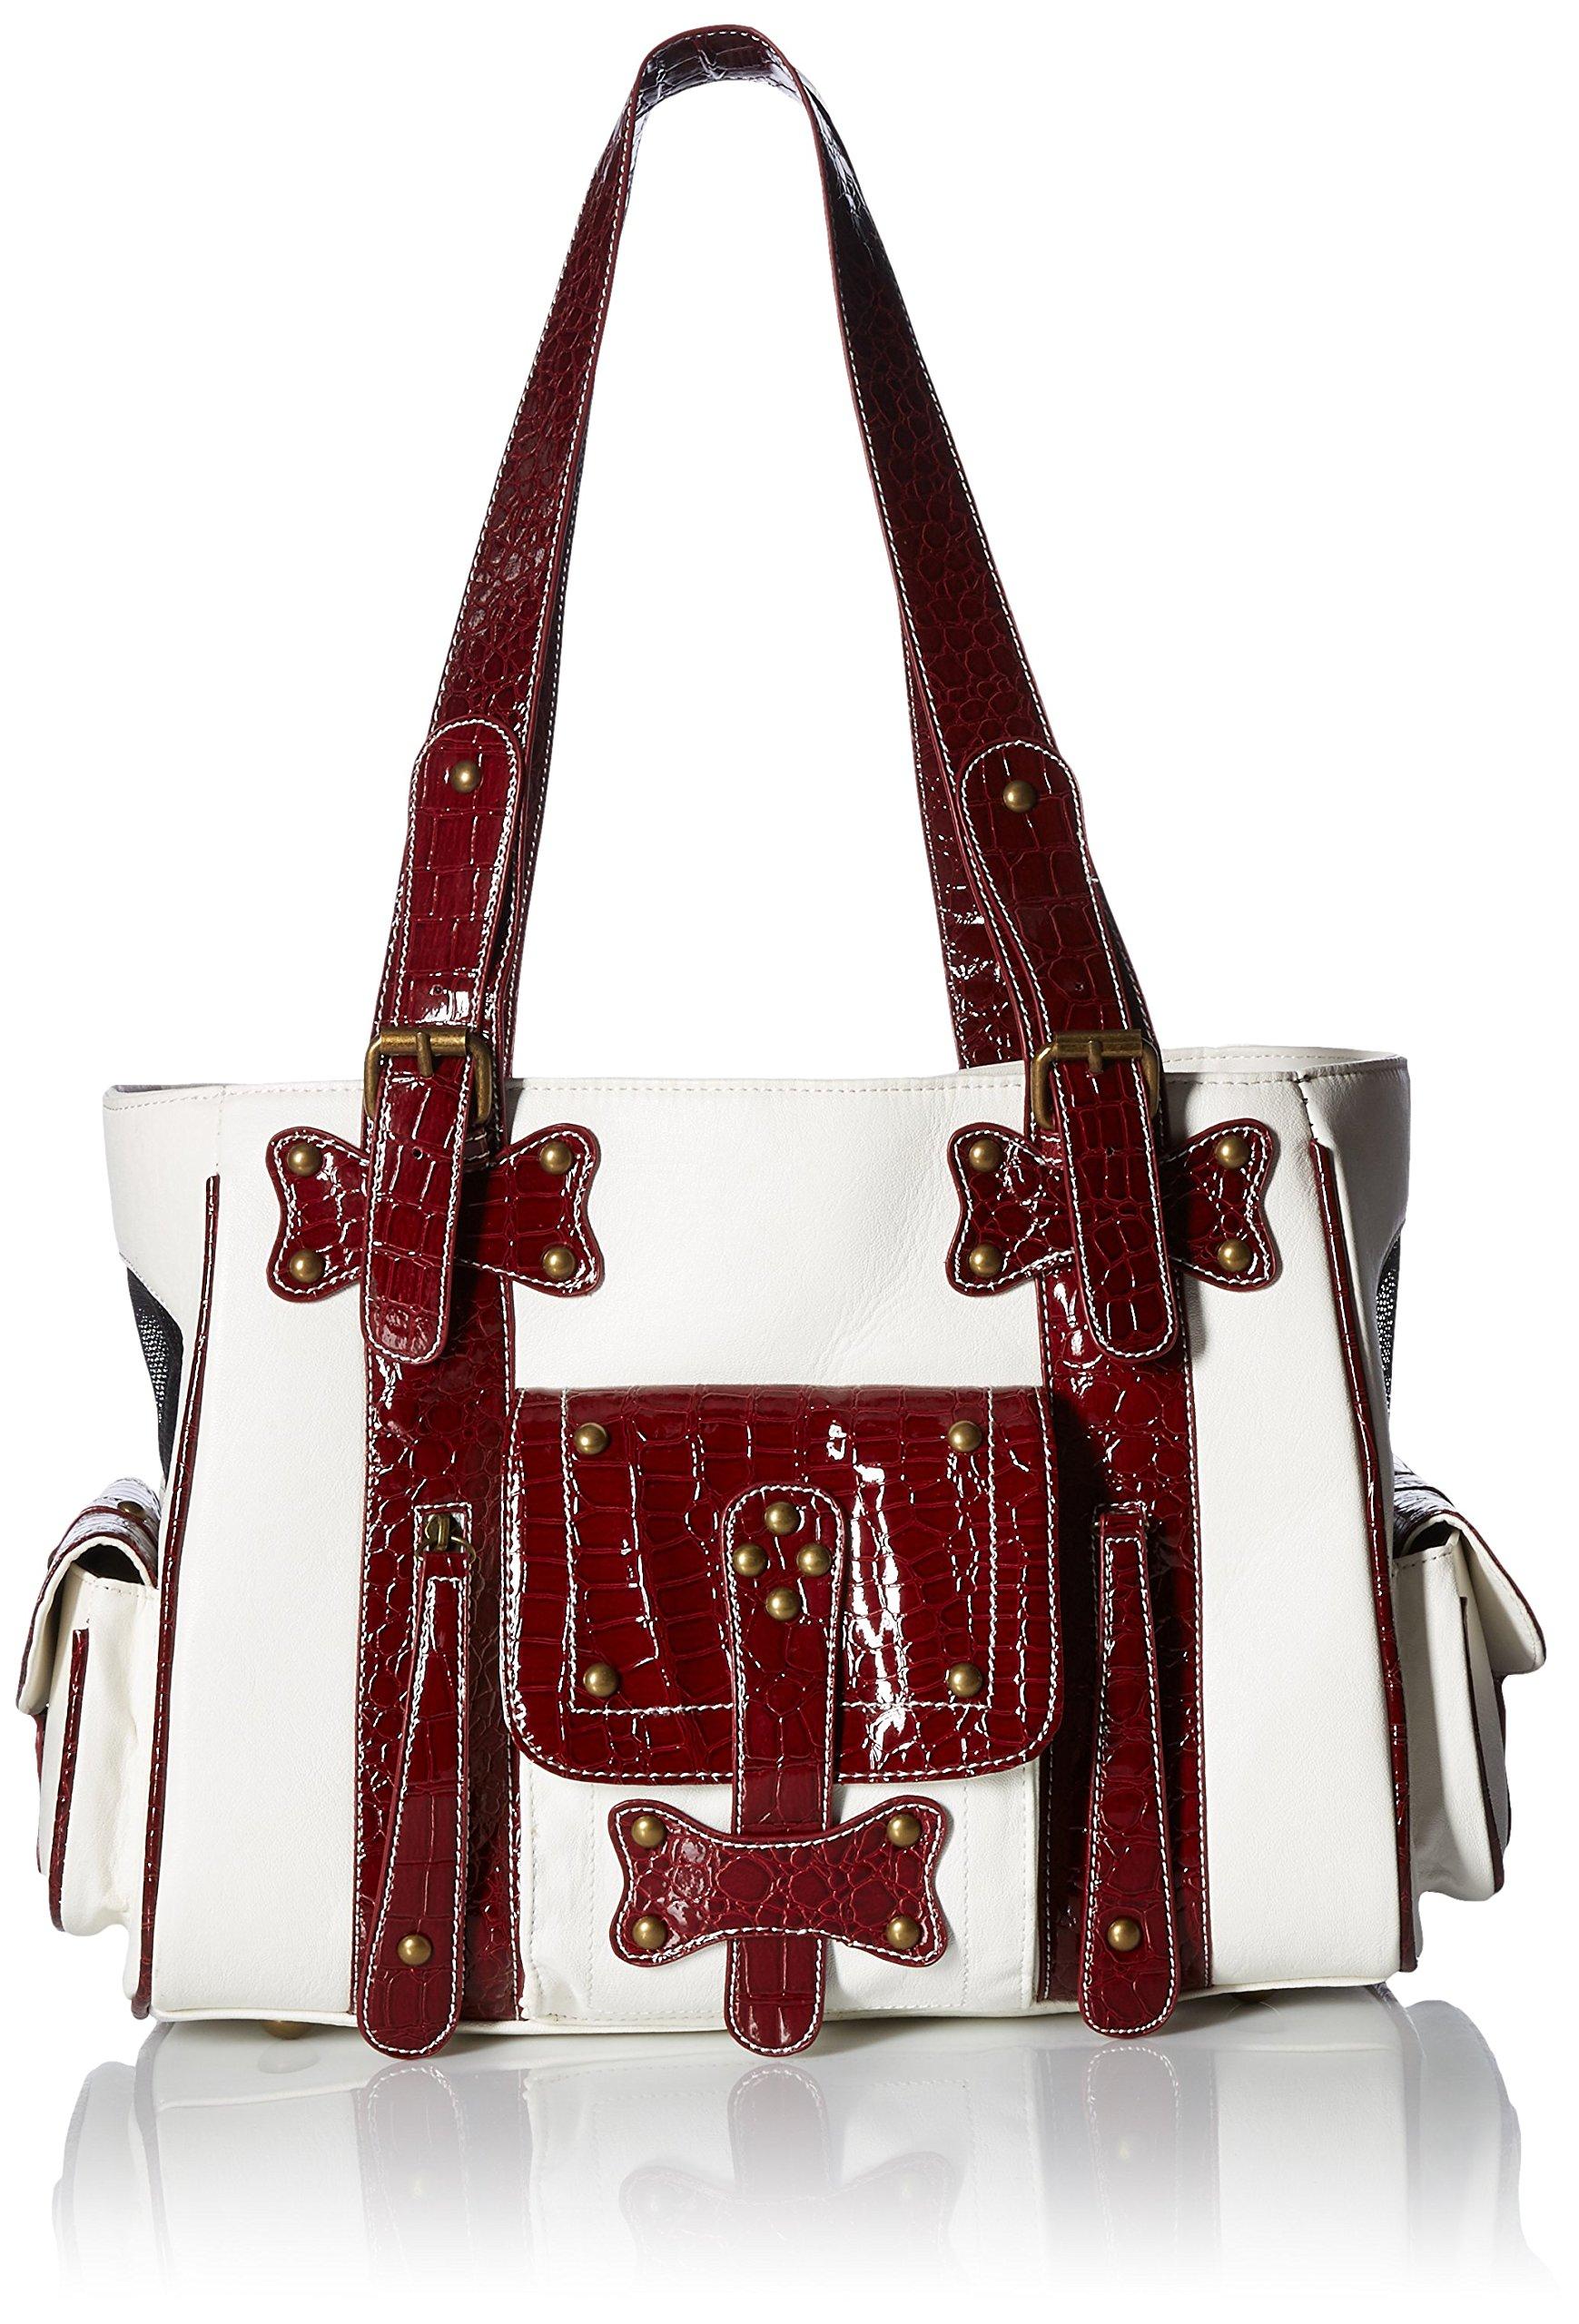 Backbone Cowboy Style Faux Leather Pet Carrier by Backbone